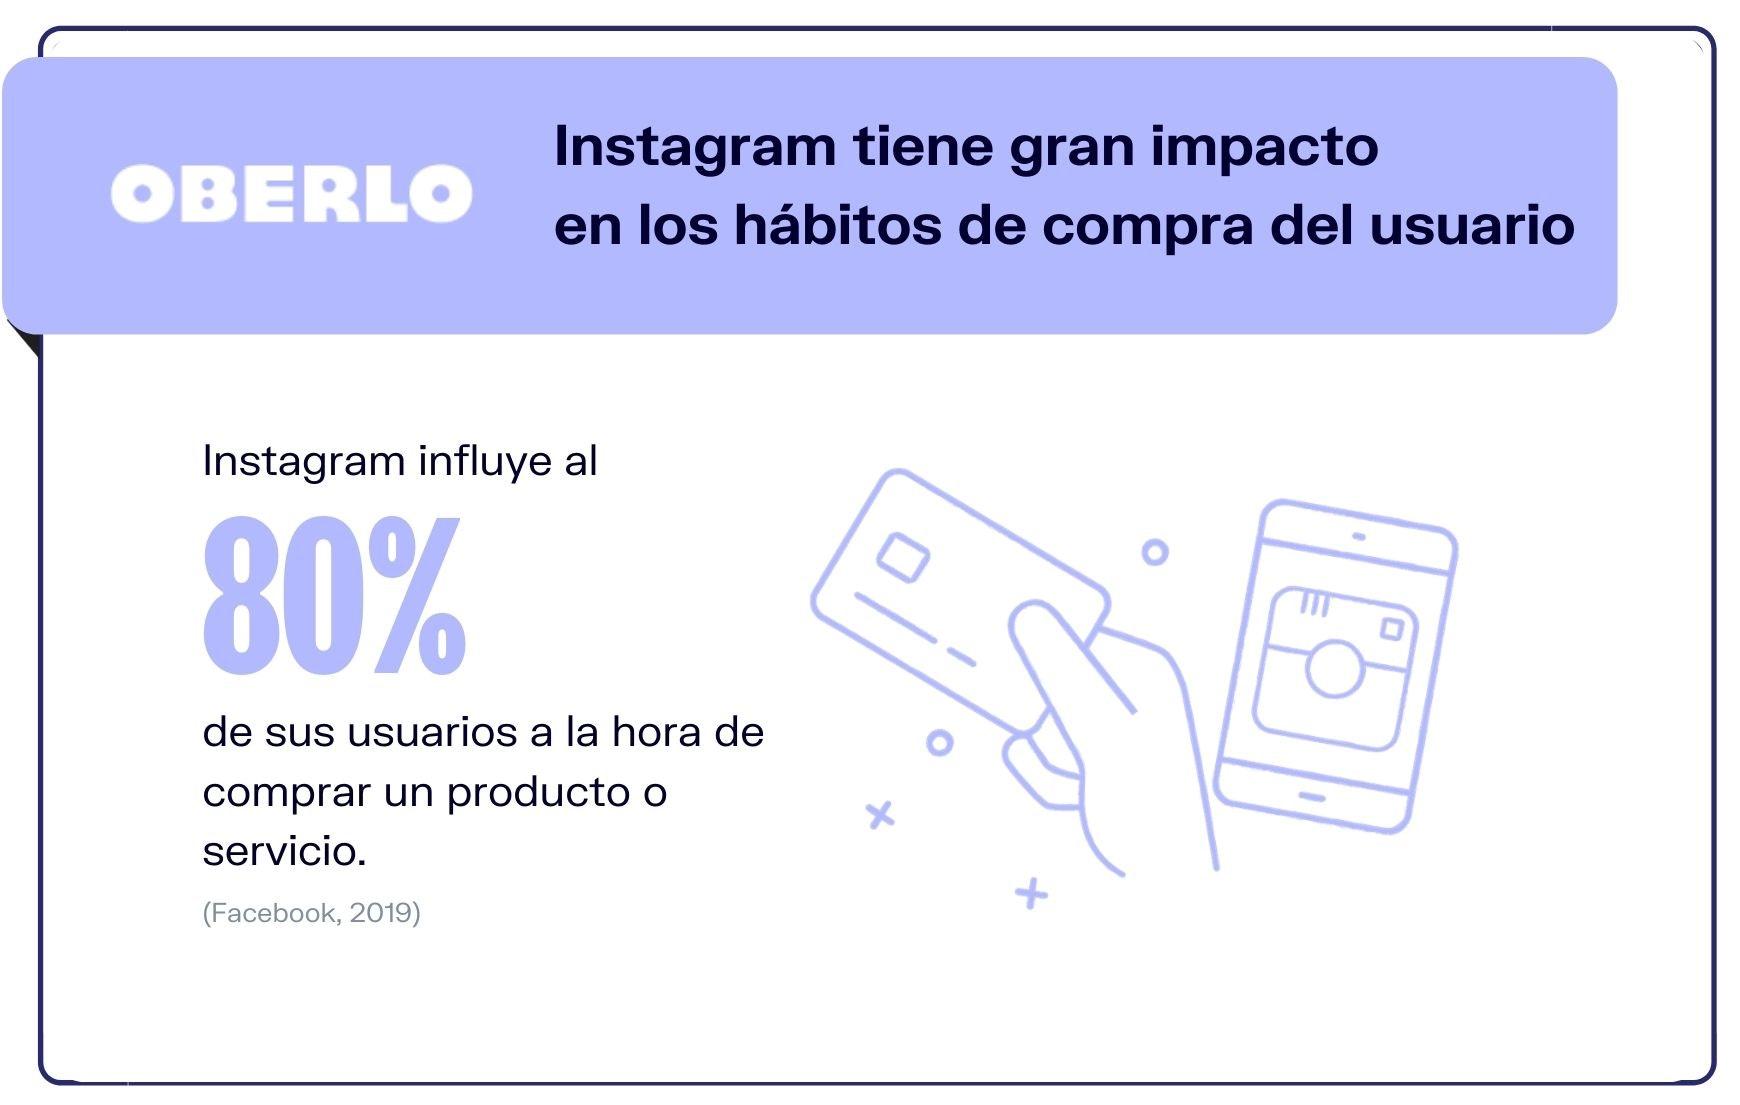 Estadísticas Instagram y su impacto en las compras